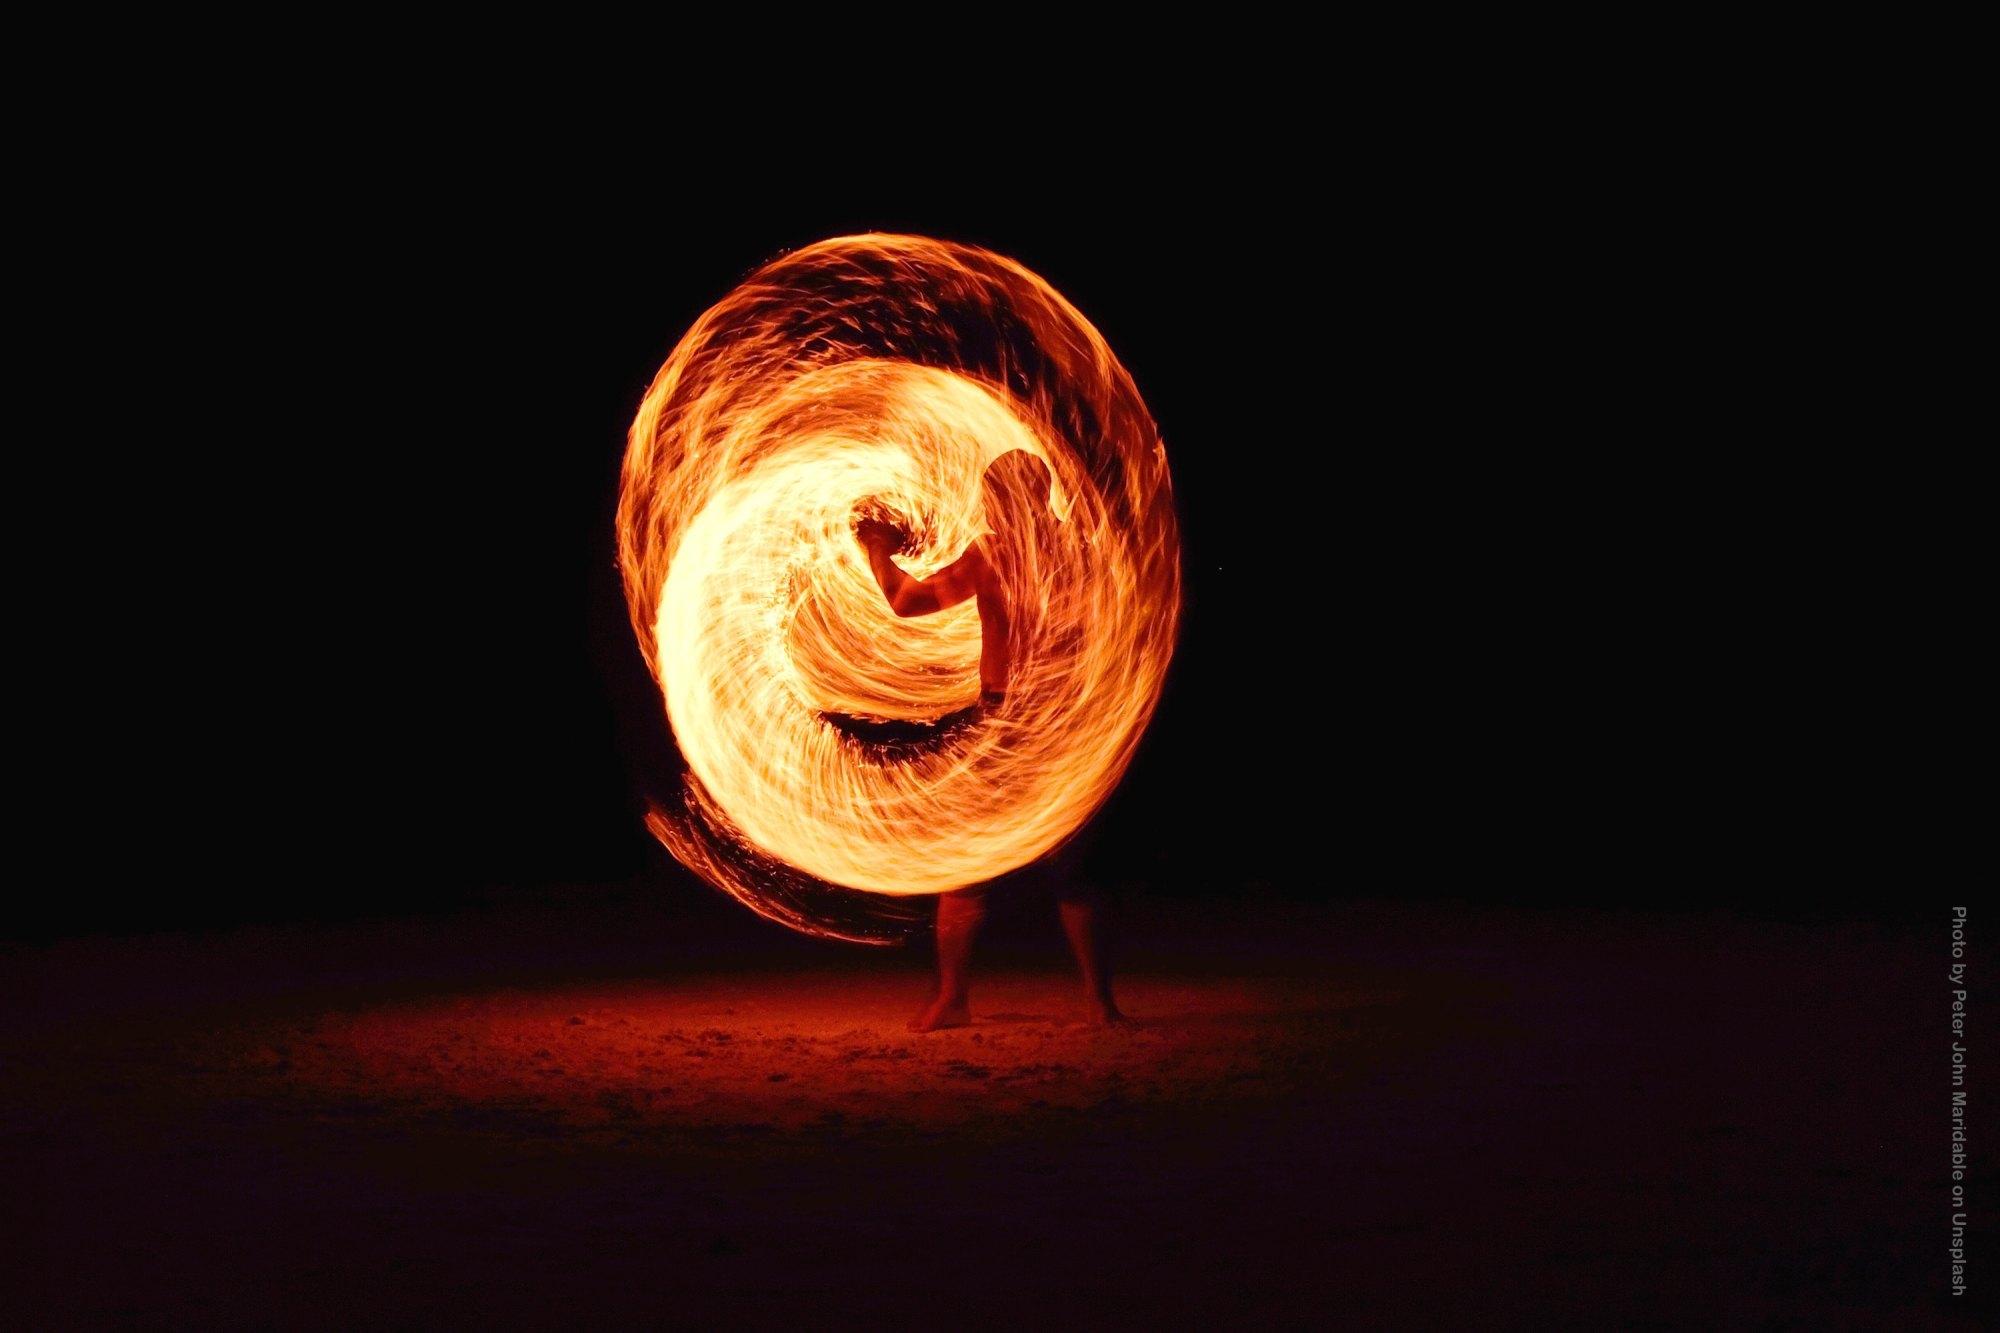 6 of Wands, Tarot, shamanism, mayan, daykeeper, eb, spirit, awareness, angel, spirit guide, expanded, healingthroughceremony.com, michele fire-river heart